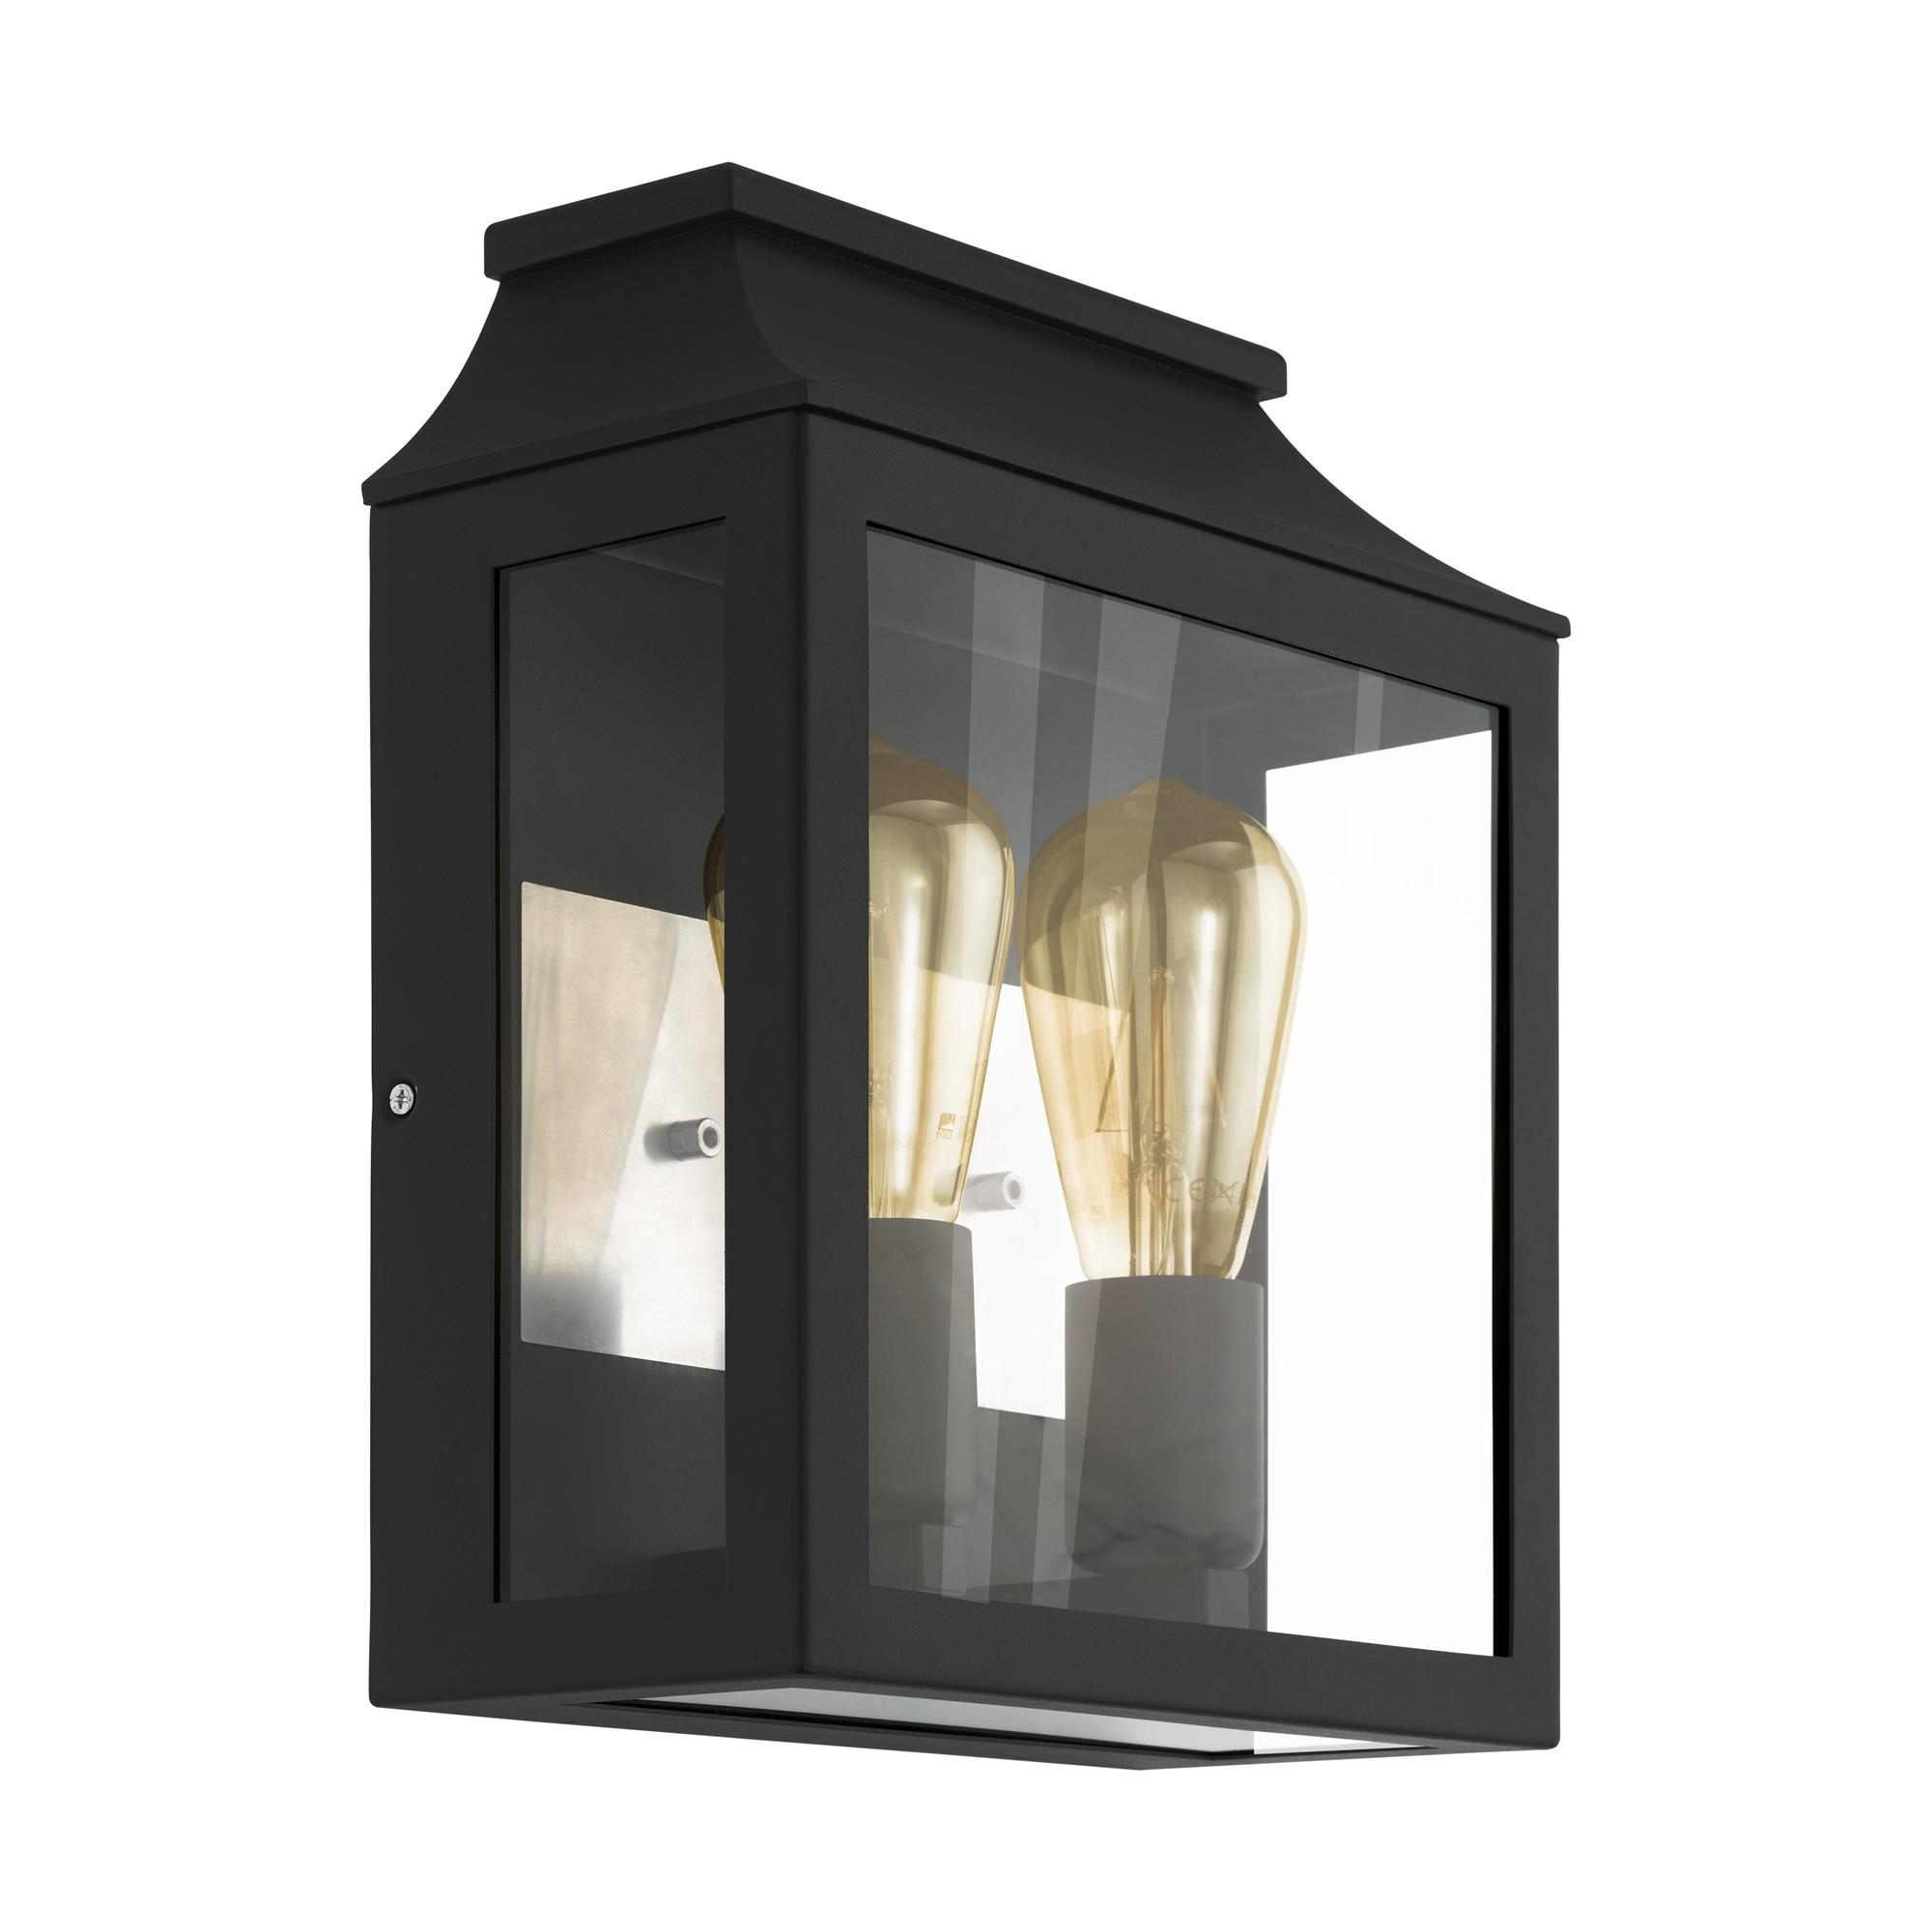 EGLO buiten-wandlamp Soncido